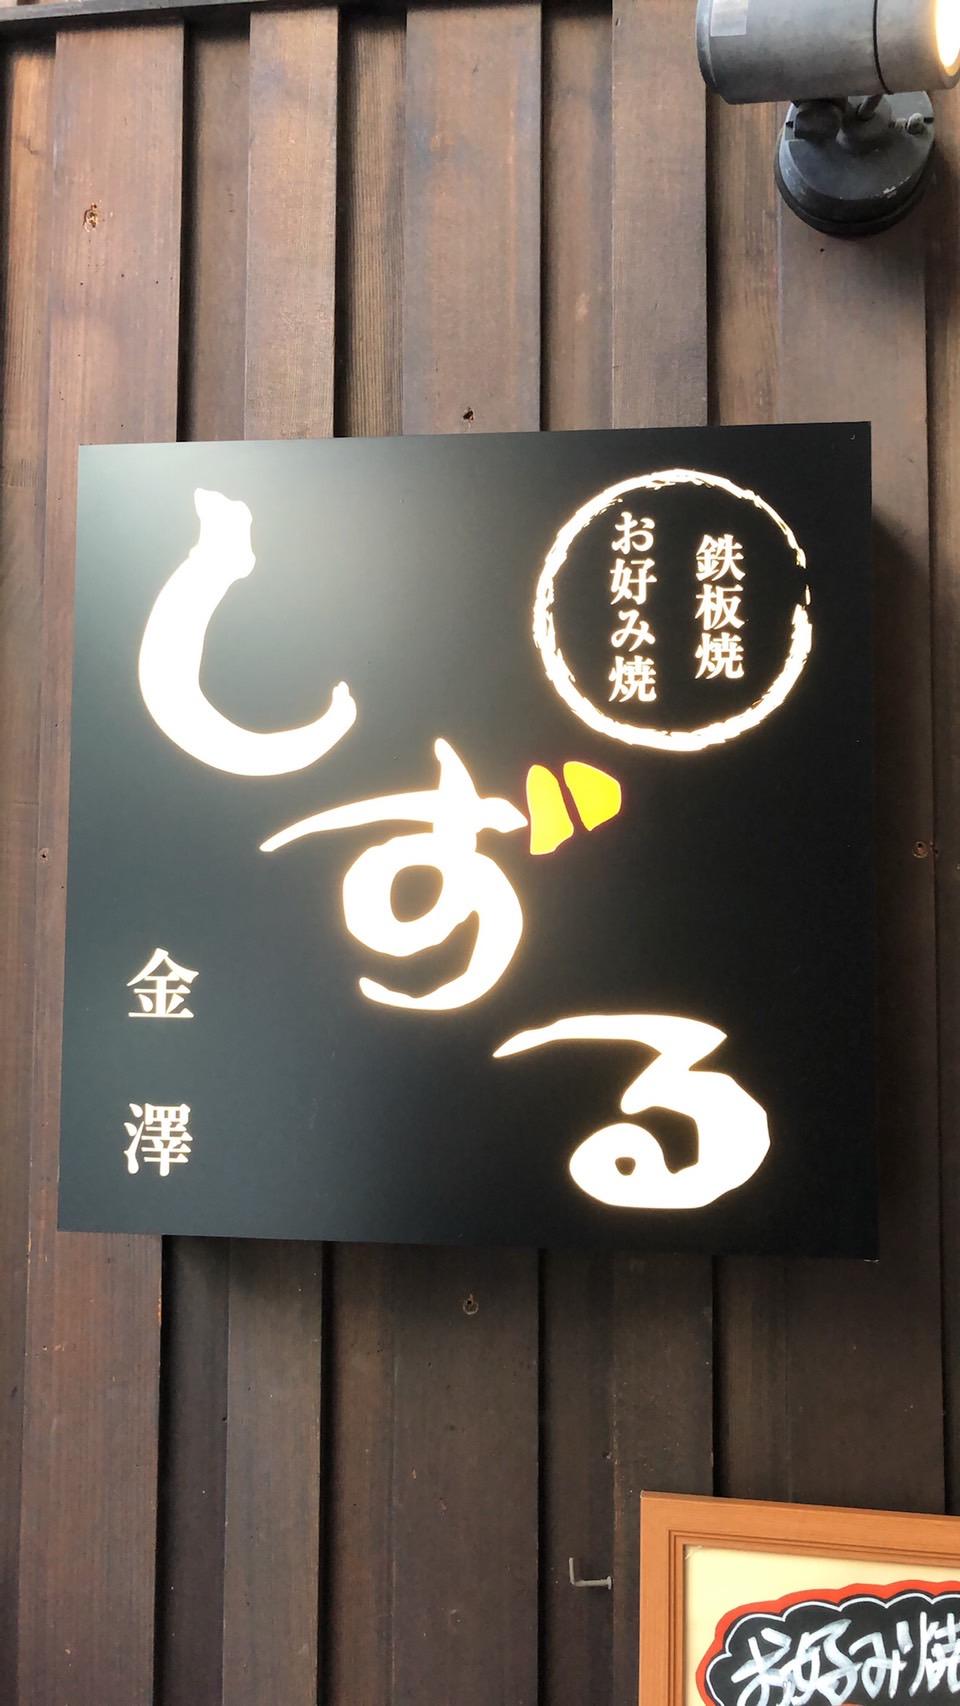 【金沢しずる】続・ホワイトマヨネーズ食べるお好み焼き | Furublog